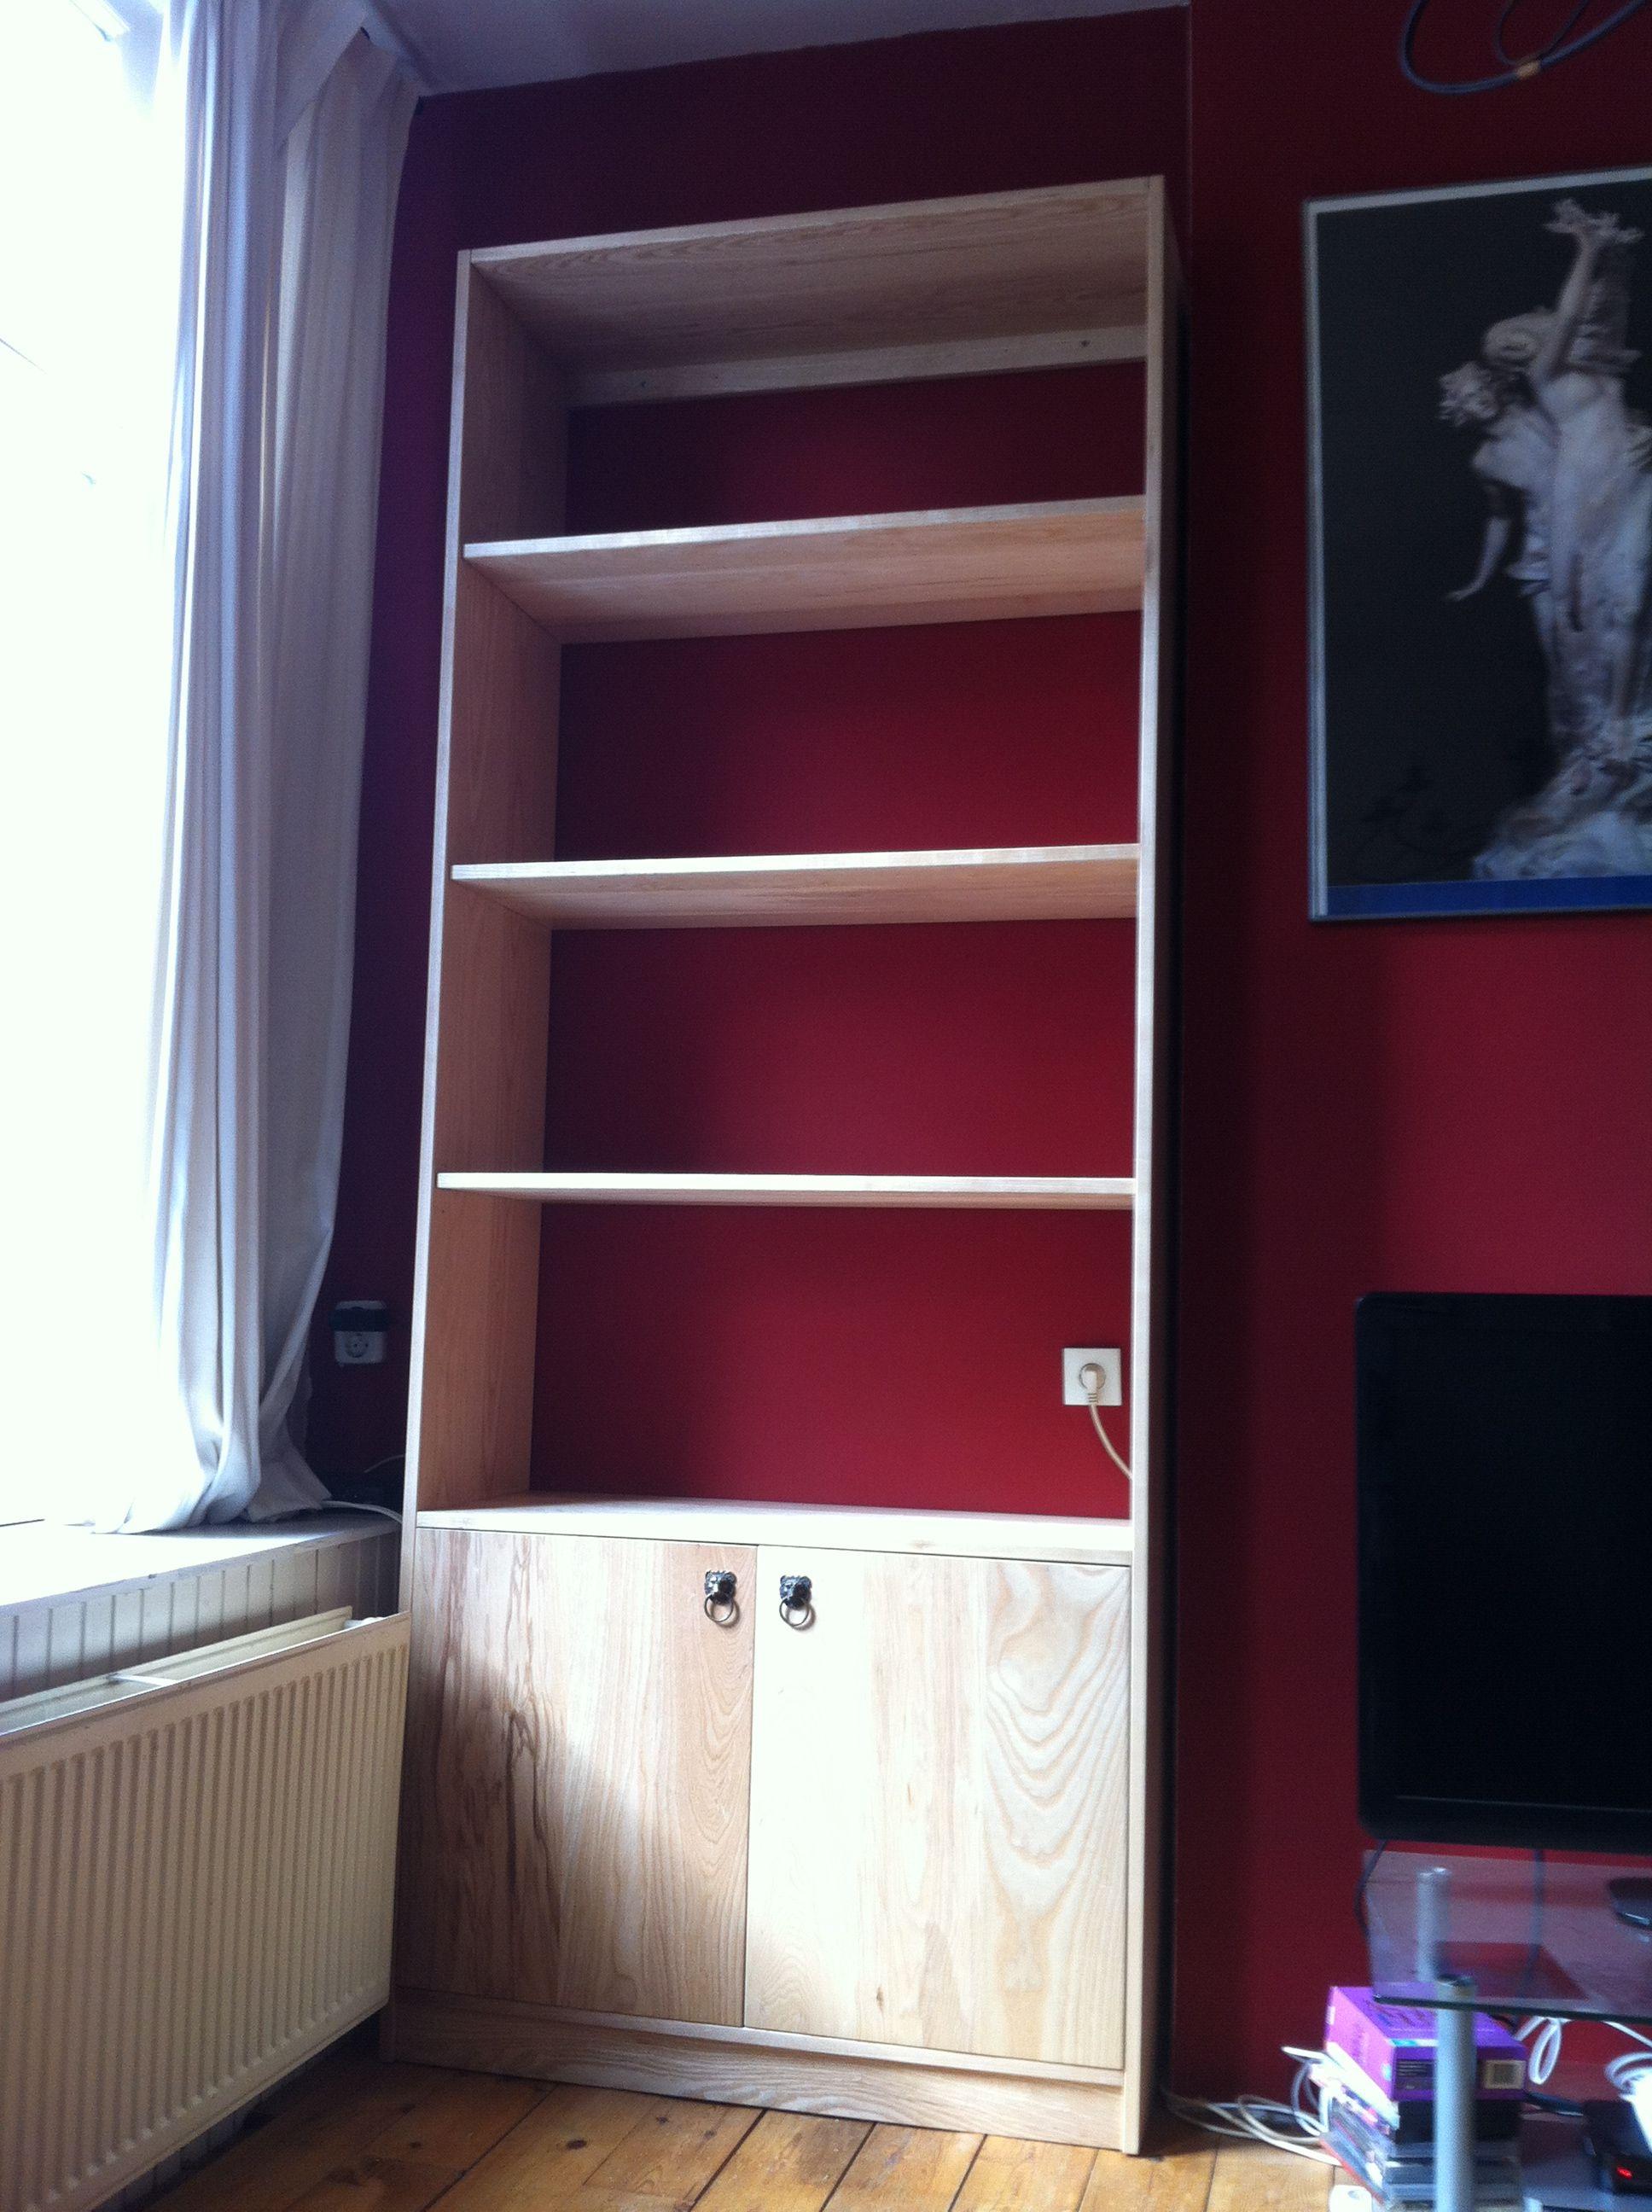 essen boekenkast een lege hoek in de woonkamer wordt met deze mooie kast goed gebruikt